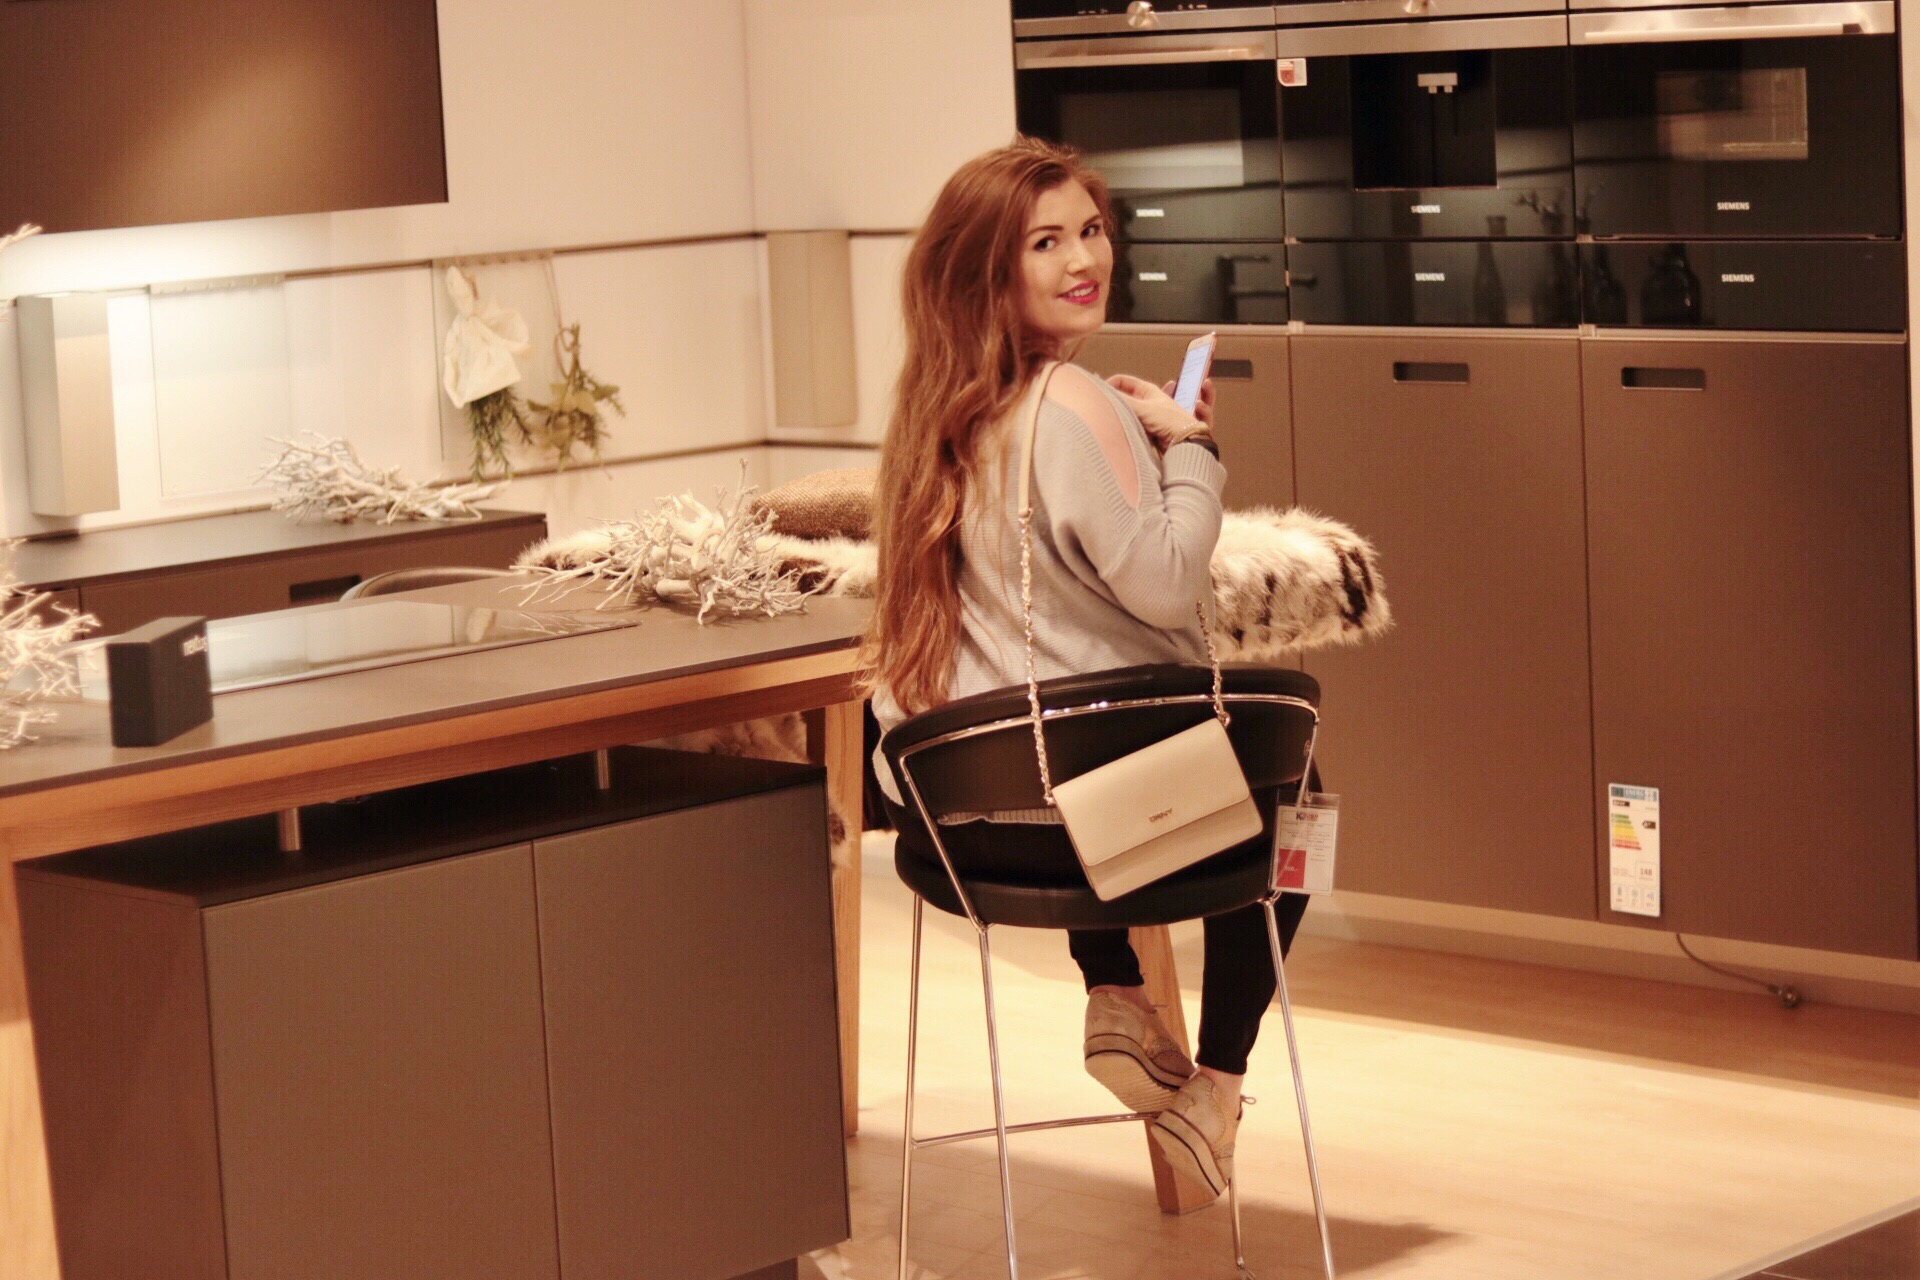 Wir Bauen Ein Haus 1 Unsere Kuchen Aktuell Erfahrungen Ann Vivien